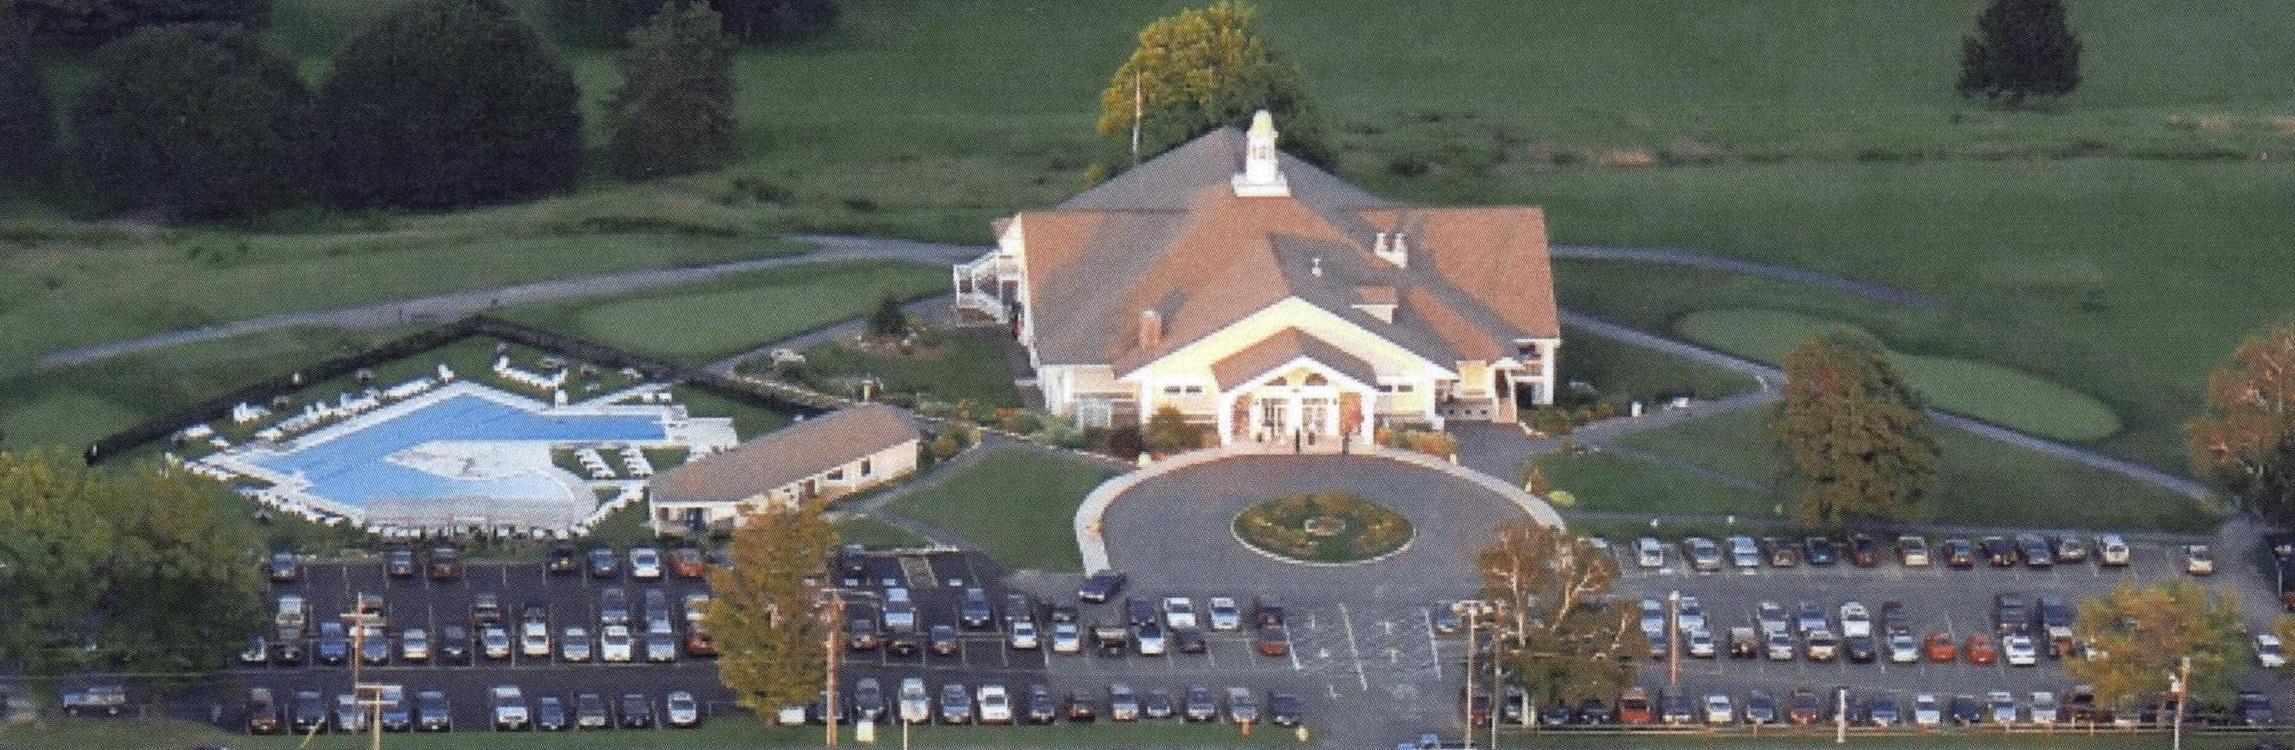 Berkshire Hills Country Club, Pittsfield, Massachusetts